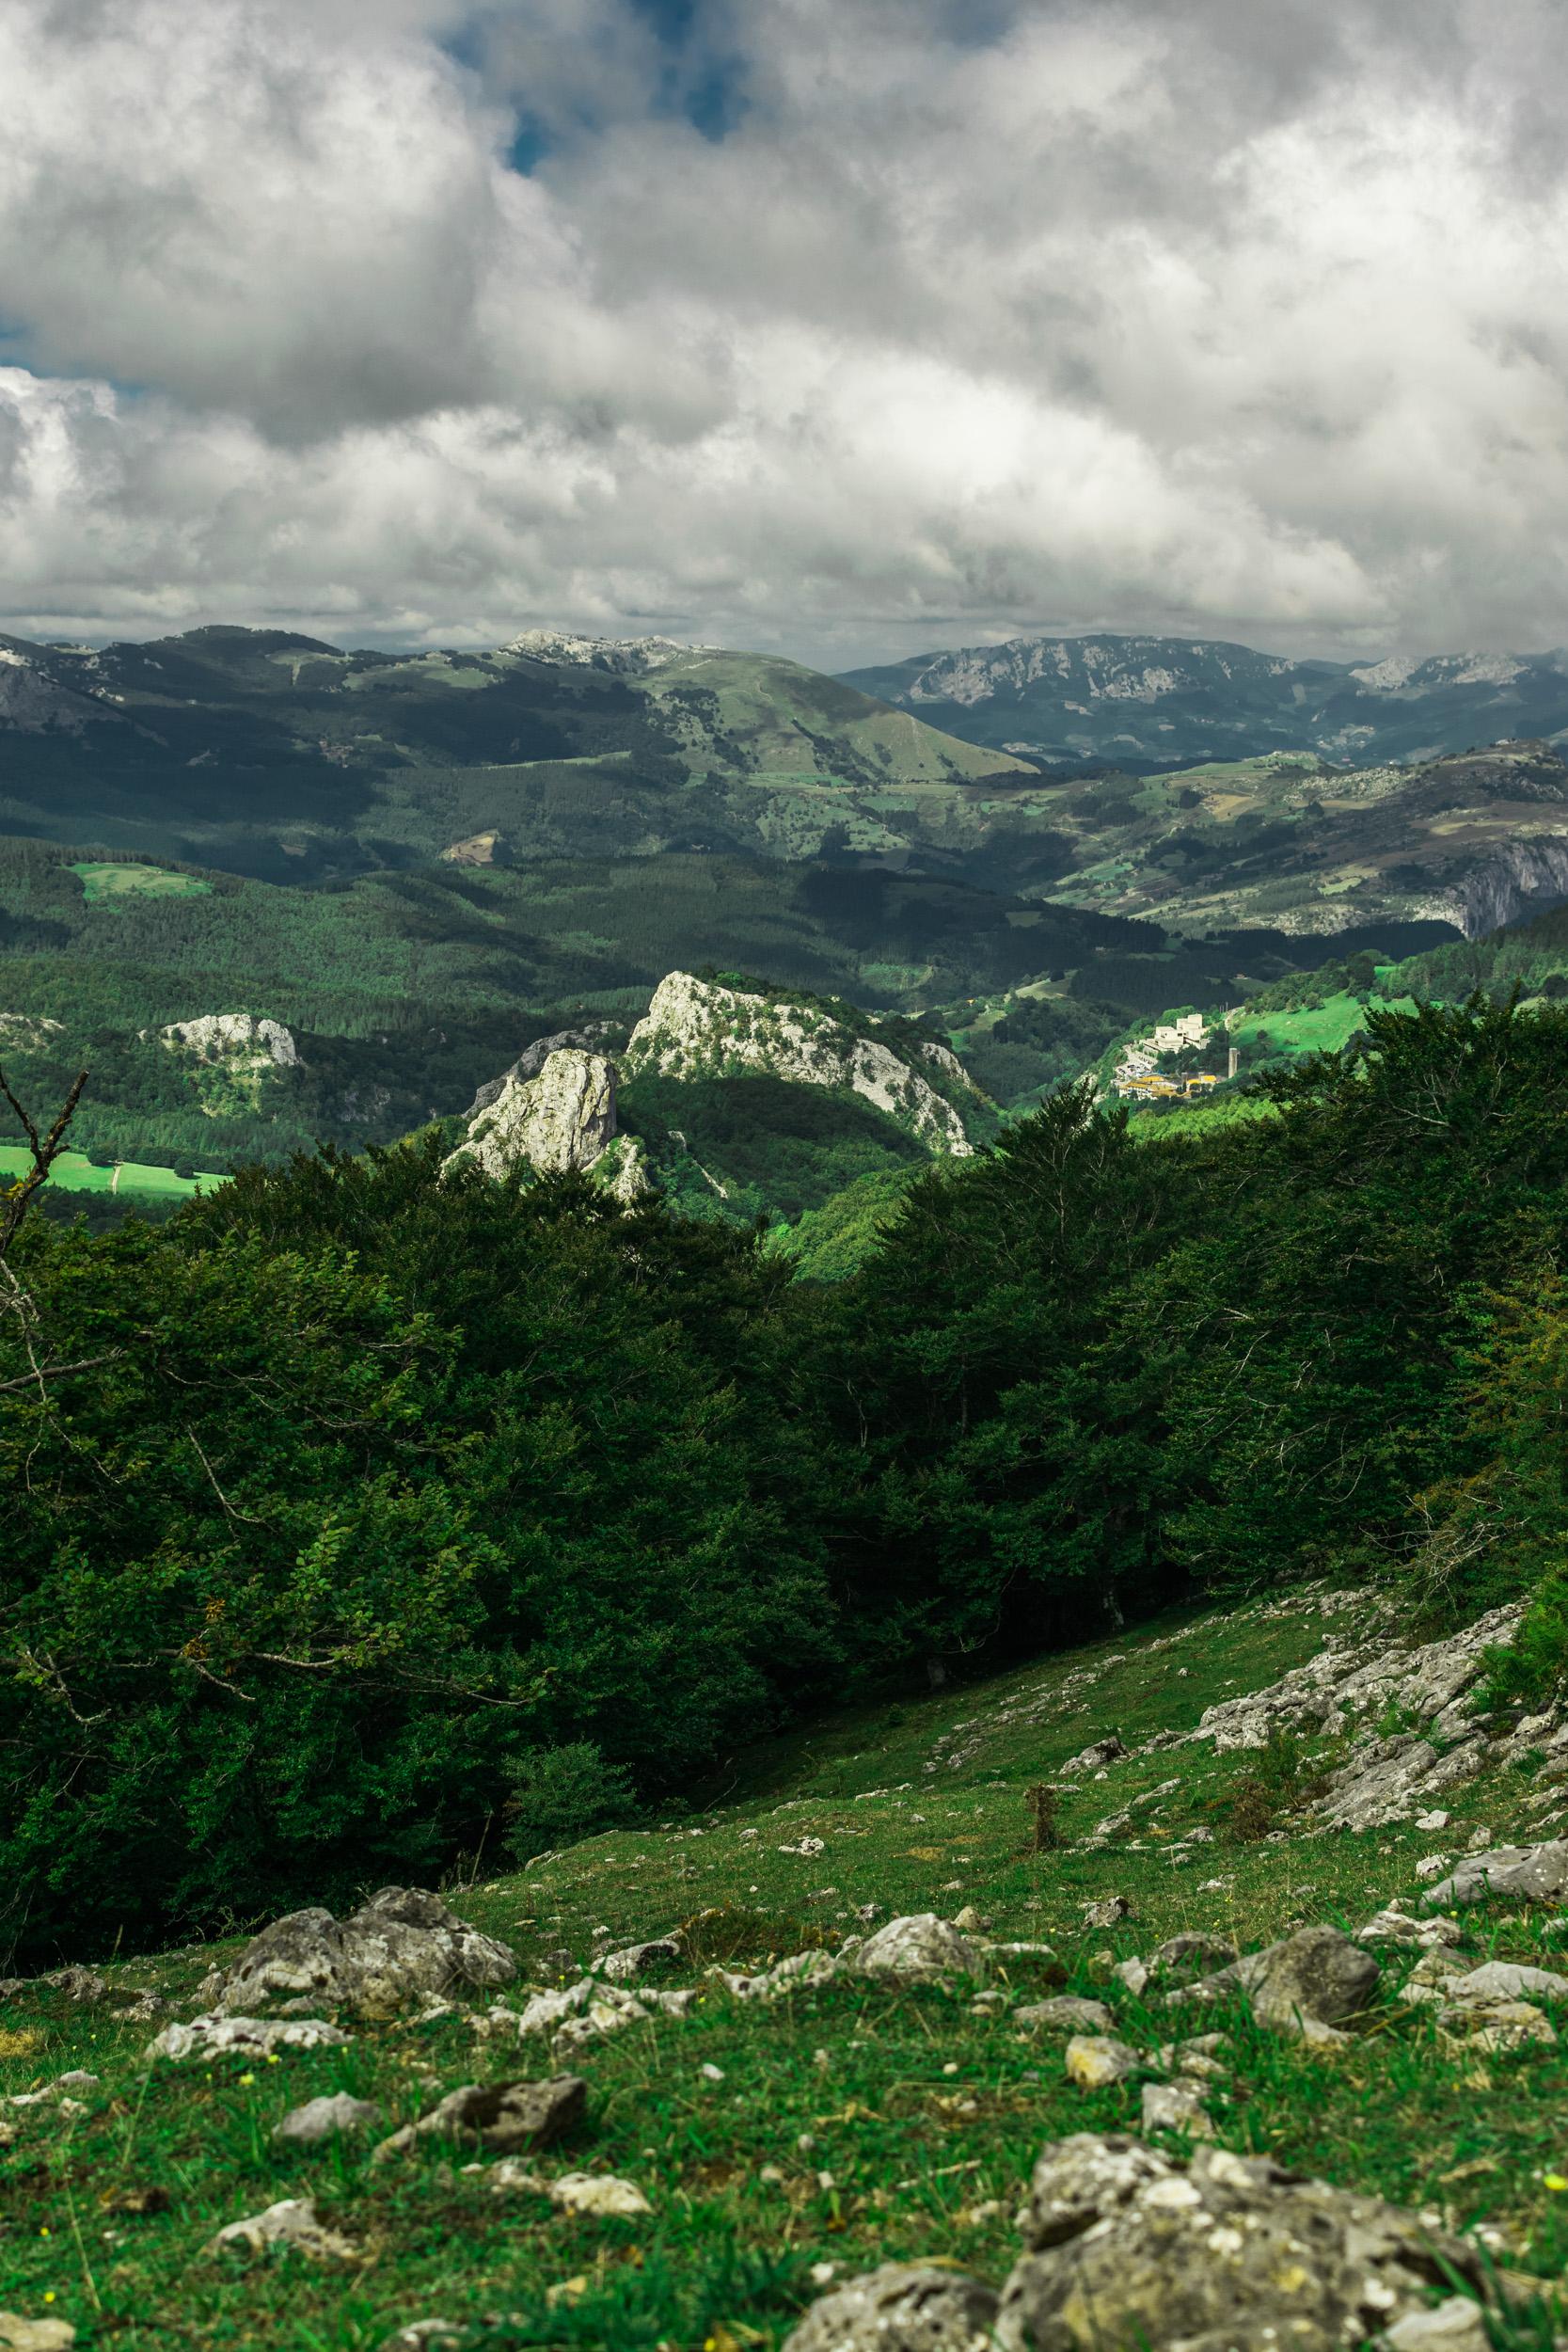 distant mountain peak